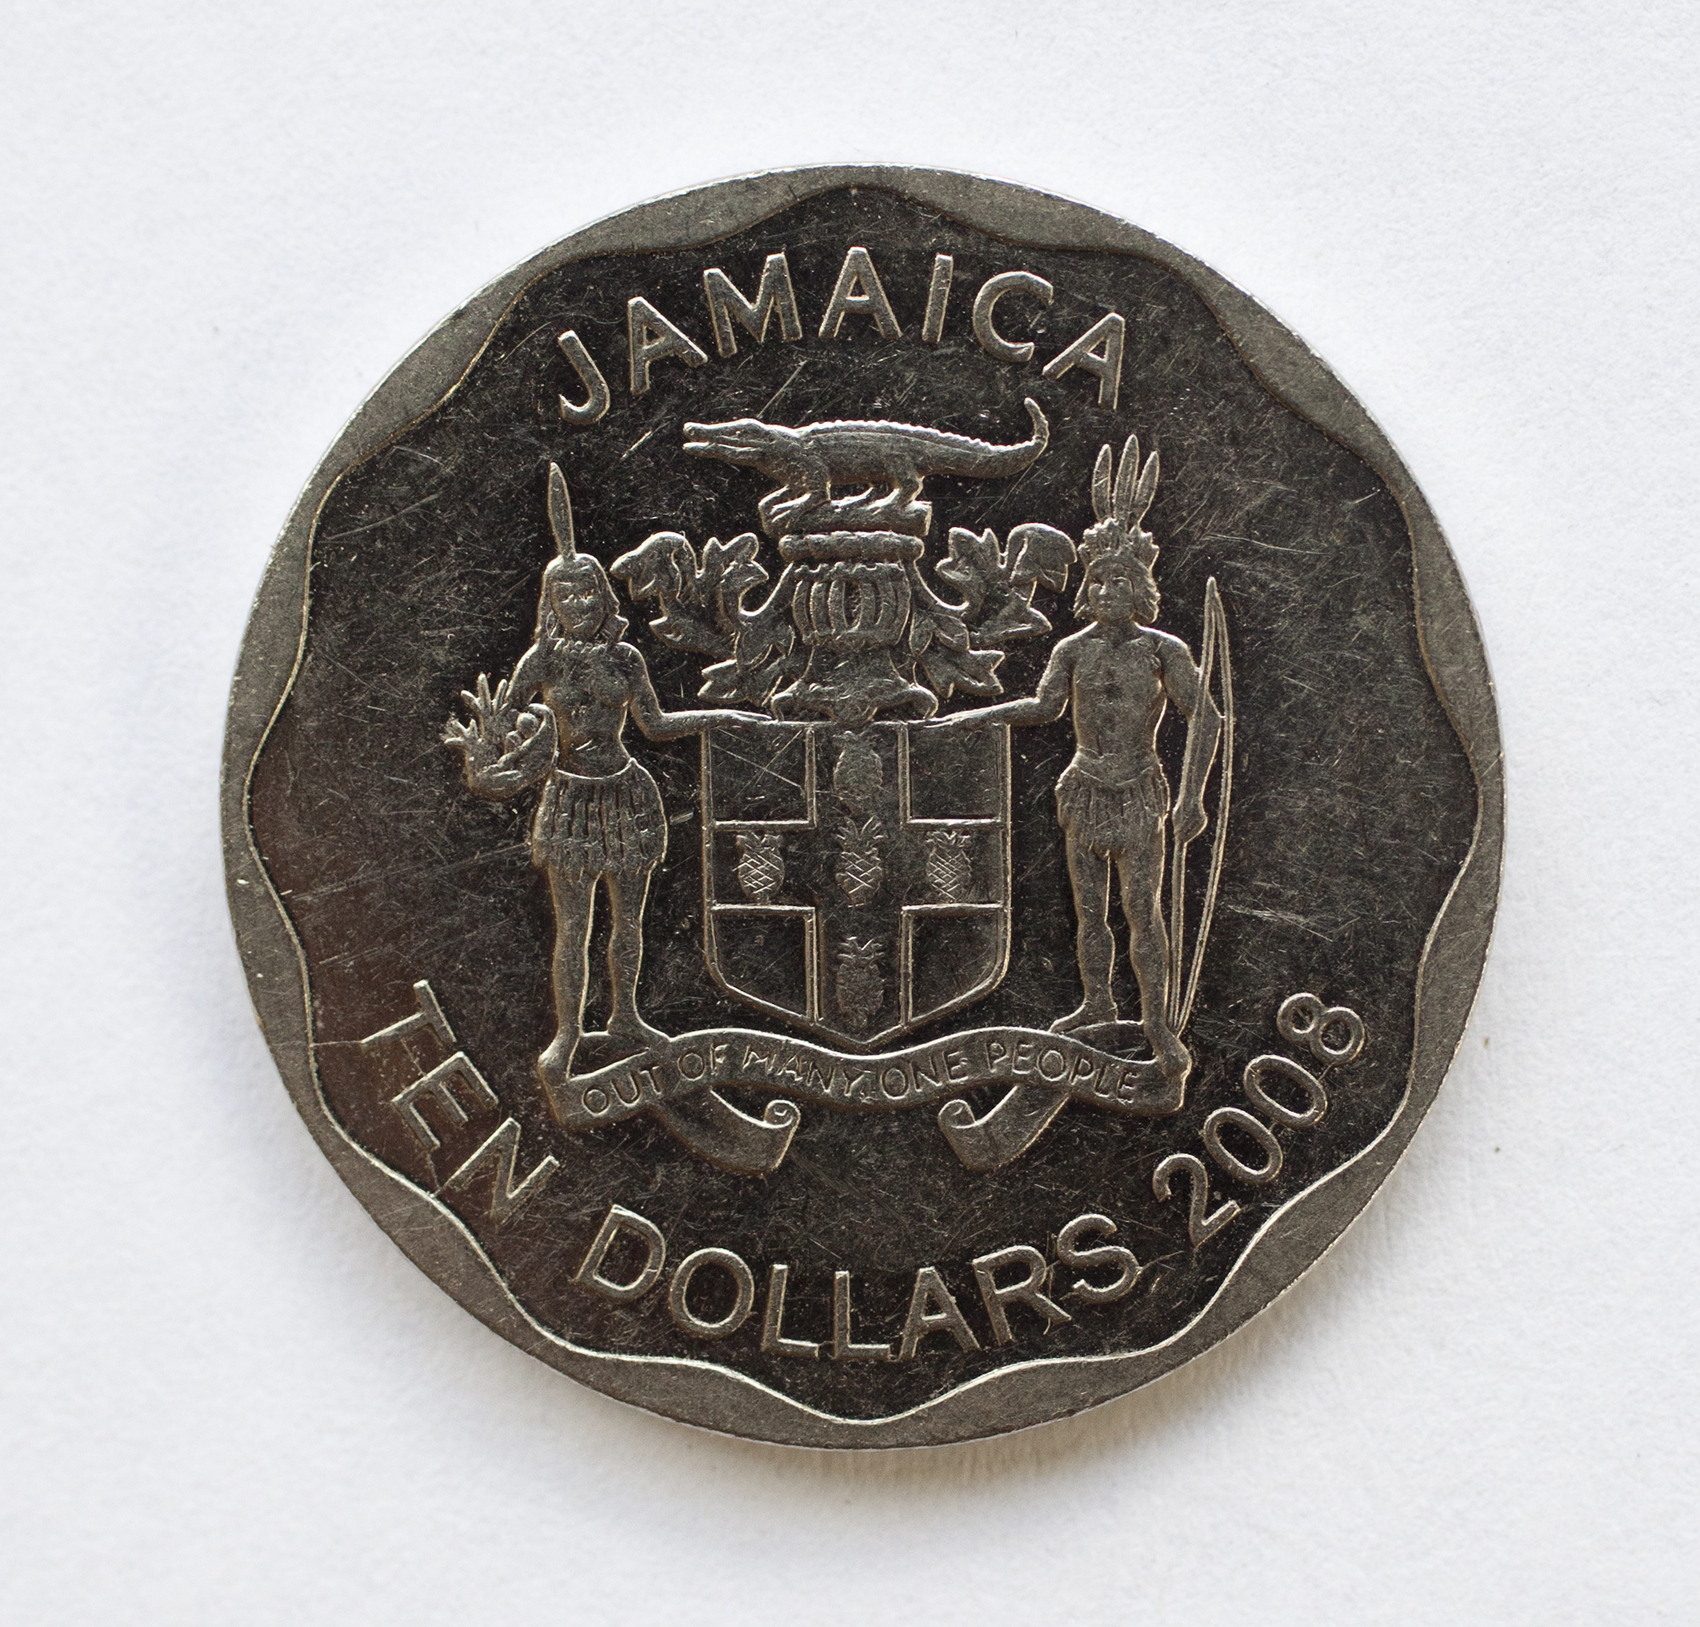 diephuis-jamaica-084.jpg